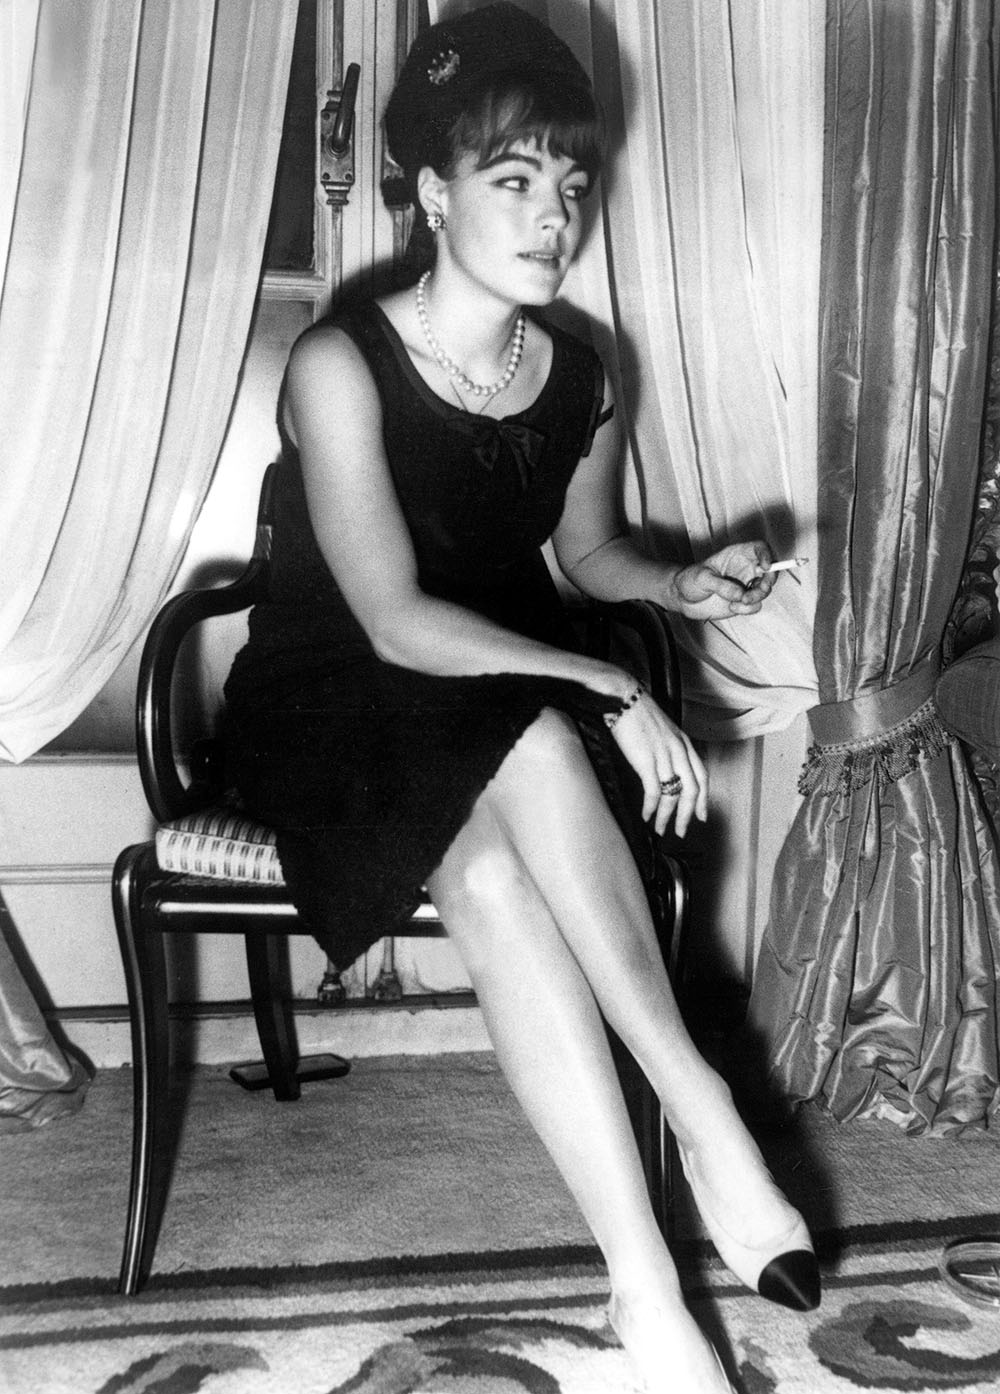 世界中のセレブリティがこぞって着用したバイカラーシューズ。その人気は女優の Romy Schneider (ロミー・シュナイダー) を捉えた1962年の写真からも伺える。| © Rue des Archives RDA2